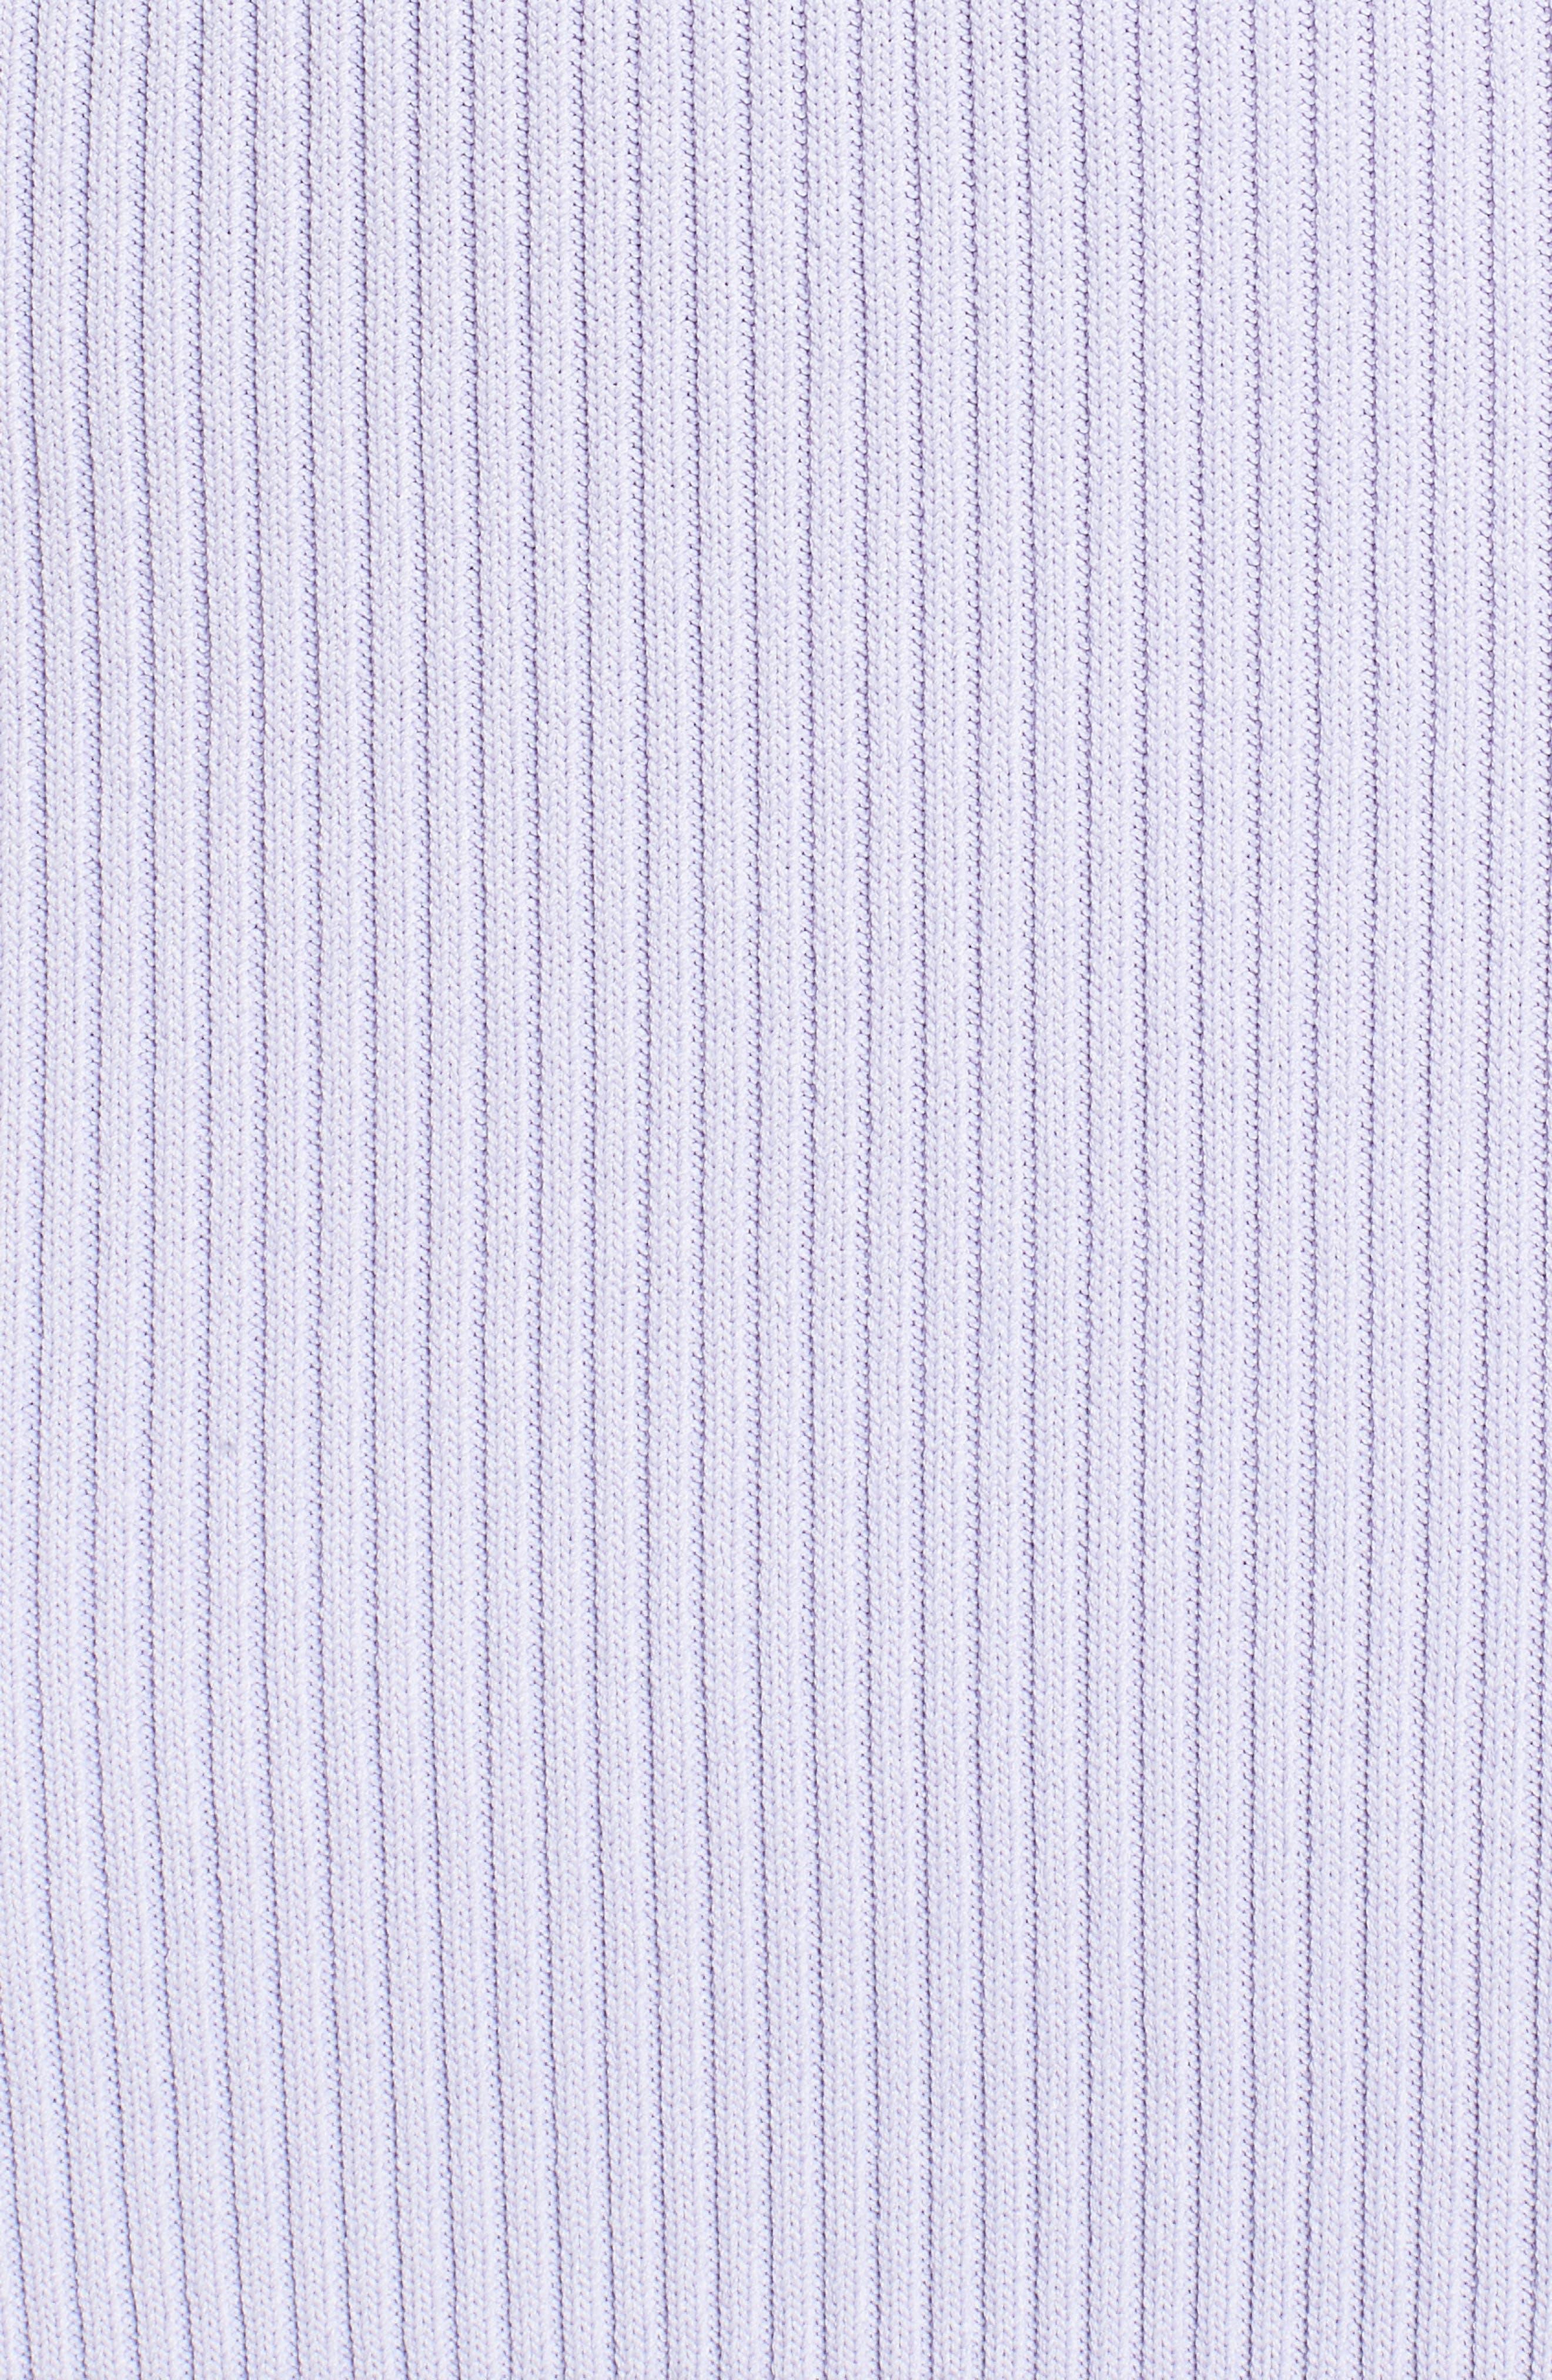 V-Neck Rib Knit Sweater Dress,                             Alternate thumbnail 5, color,                             Light Quartz